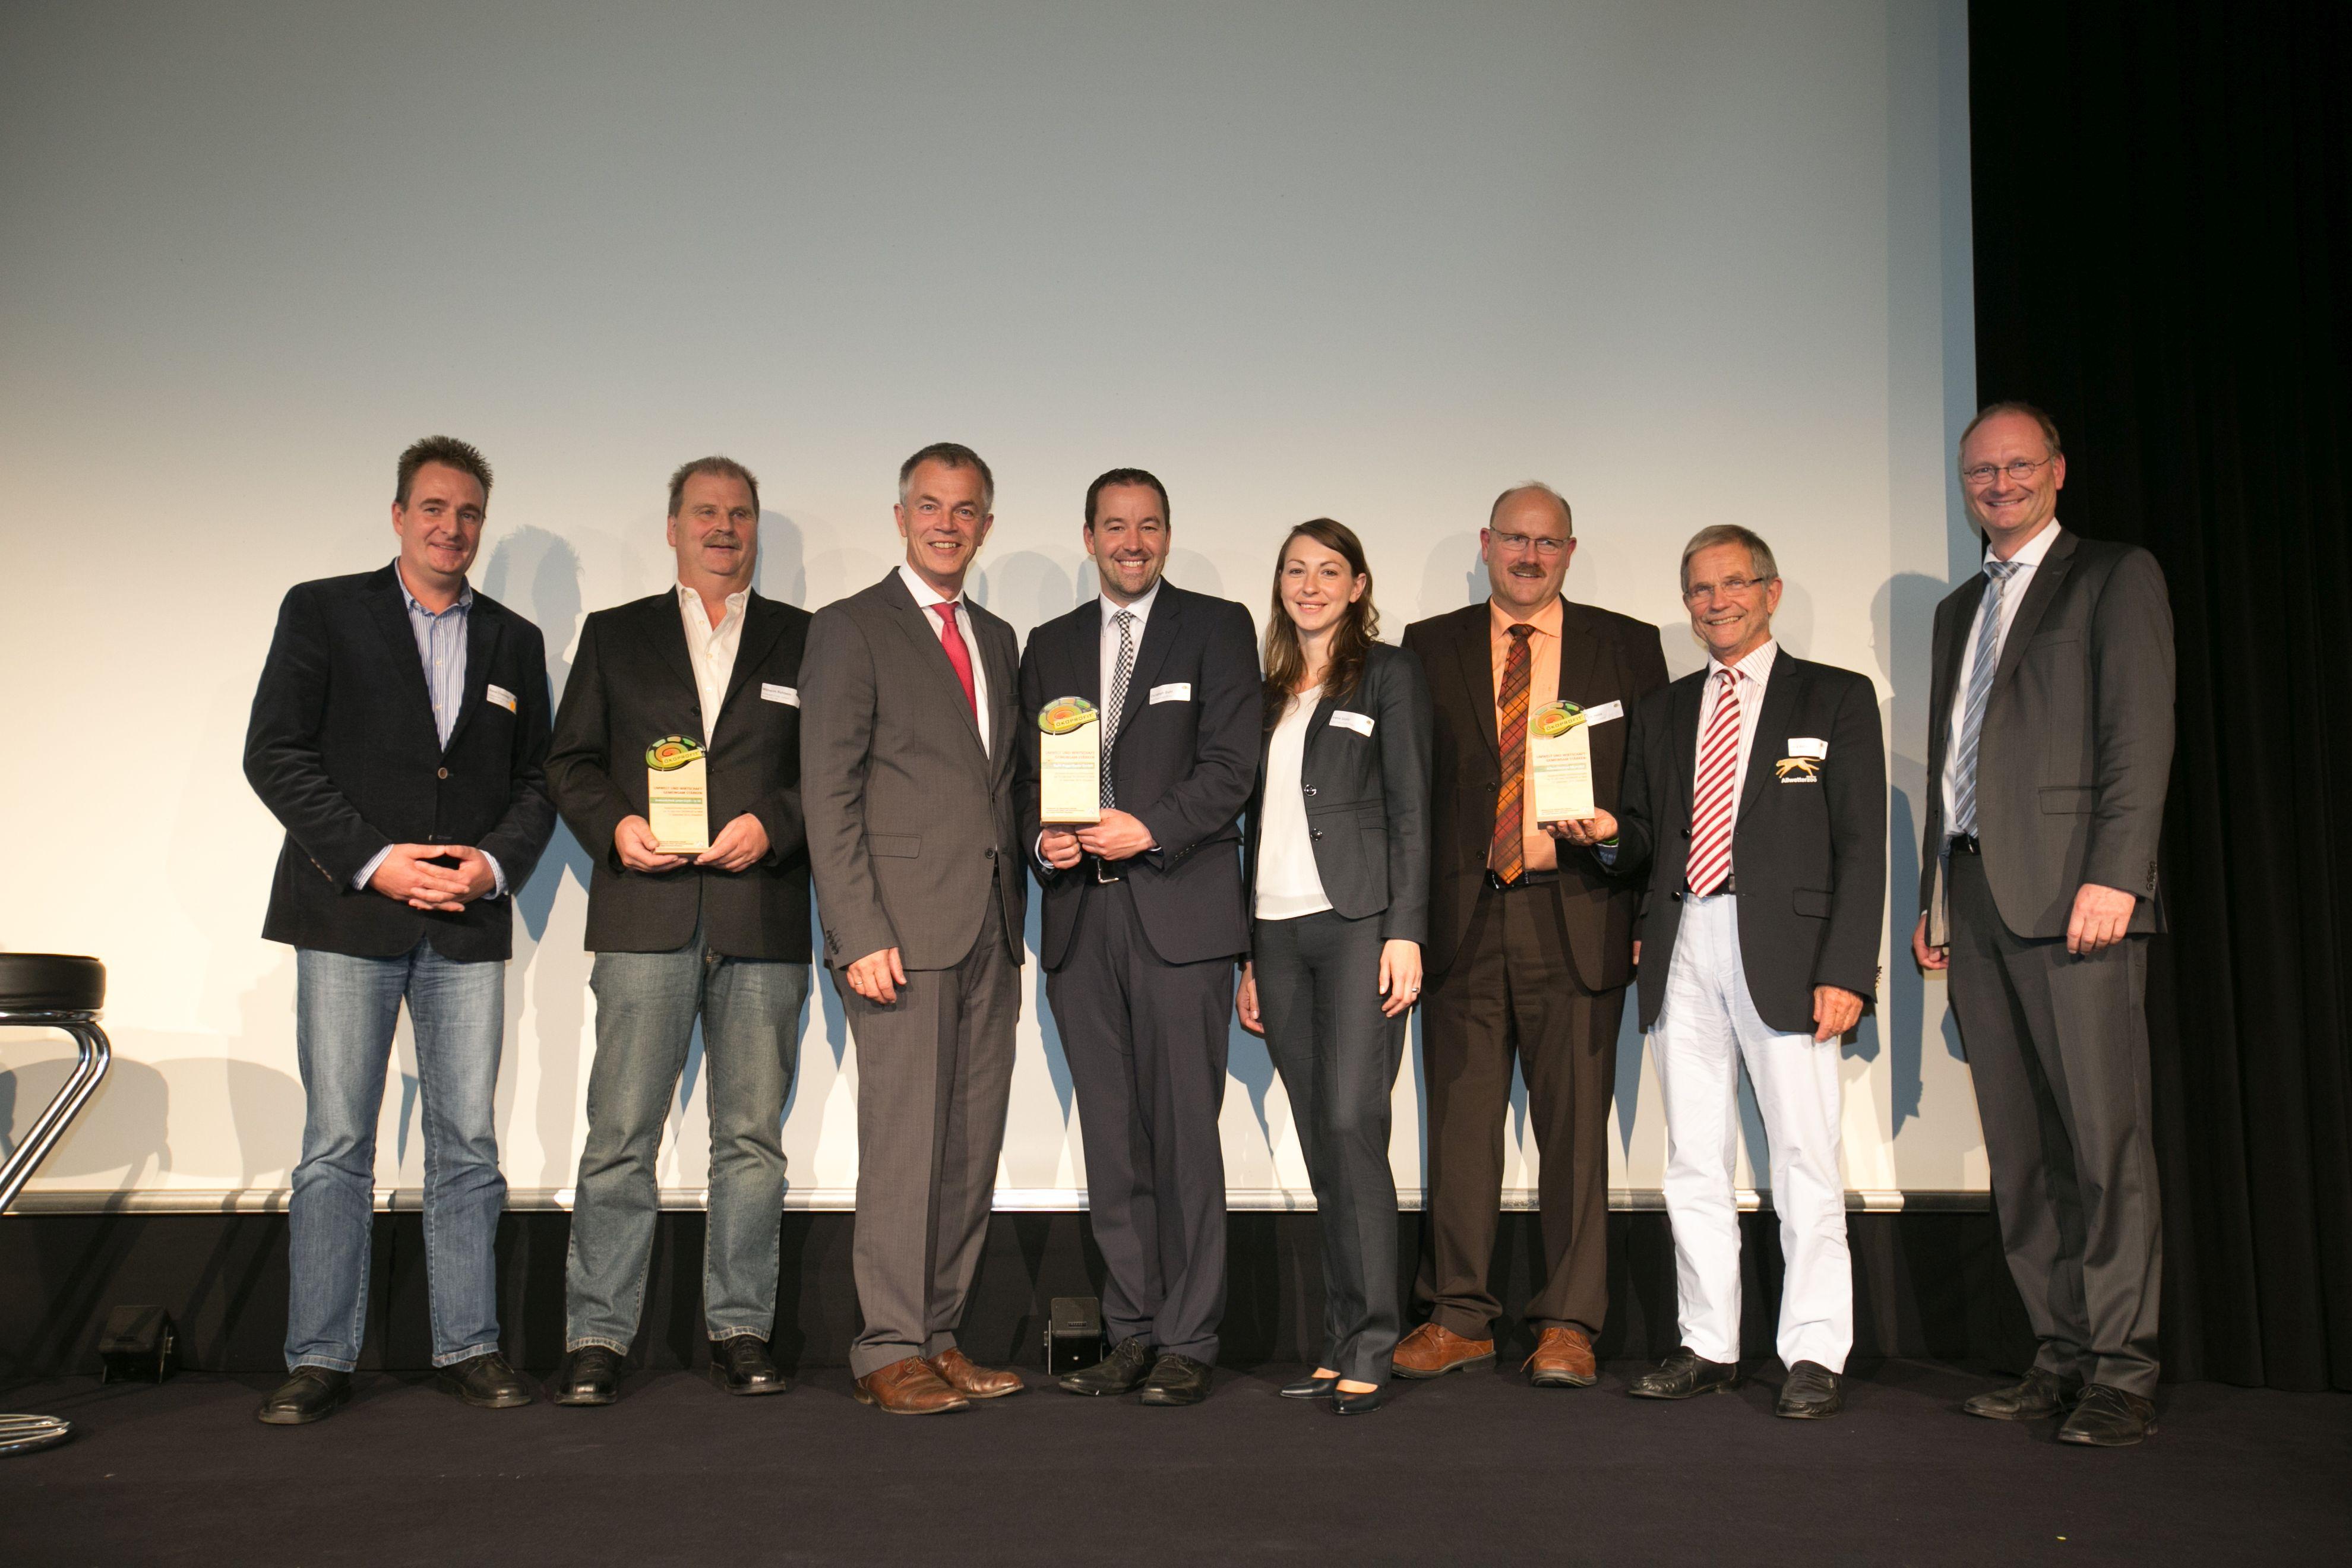 Buhl PaperForm als Ökoprofitbetrieb ausgezeichnet